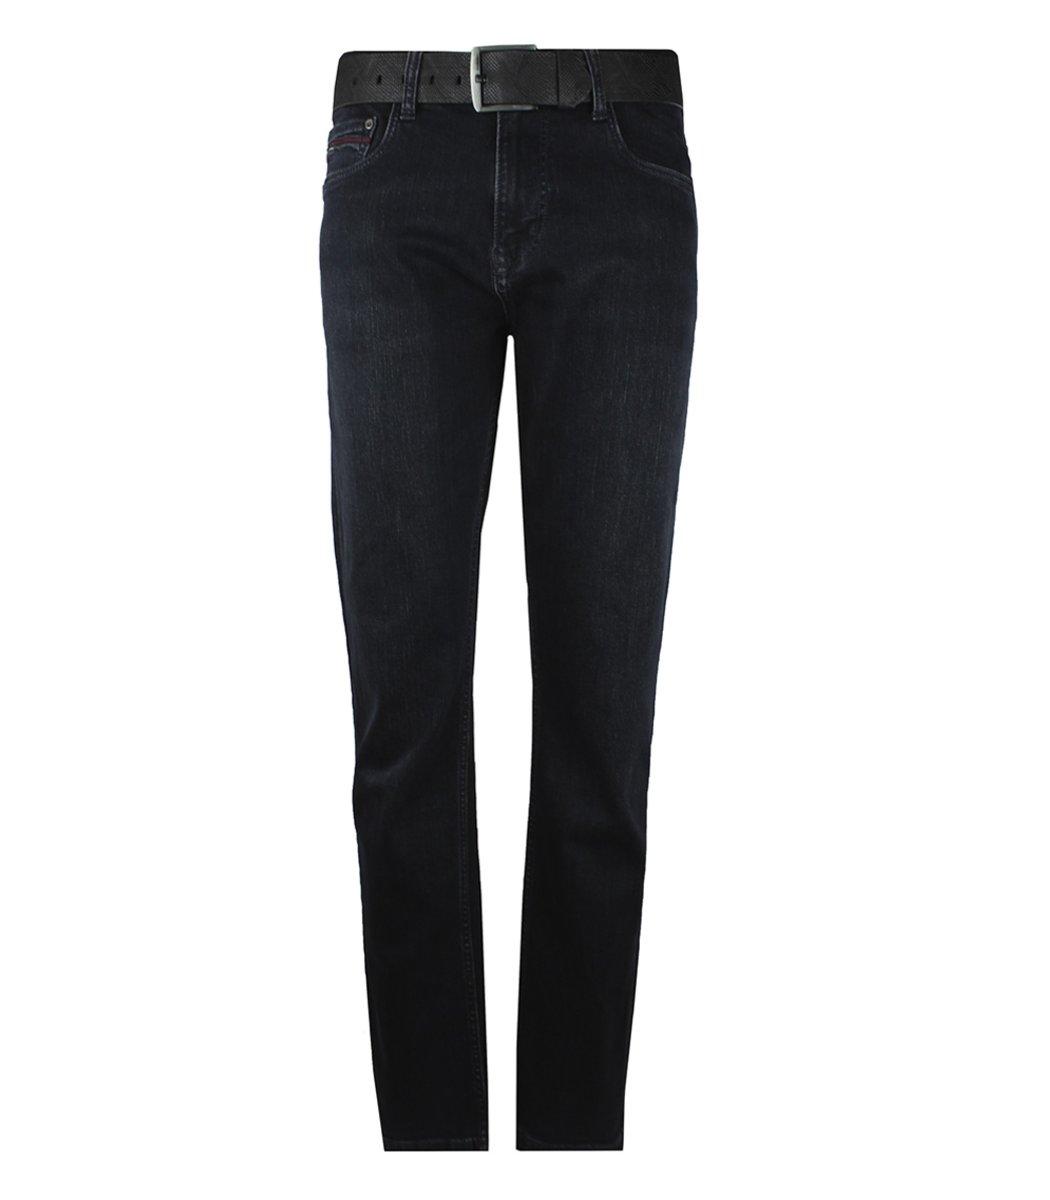 Черные джинсы Tommy Hilfiger 6850 + ремень